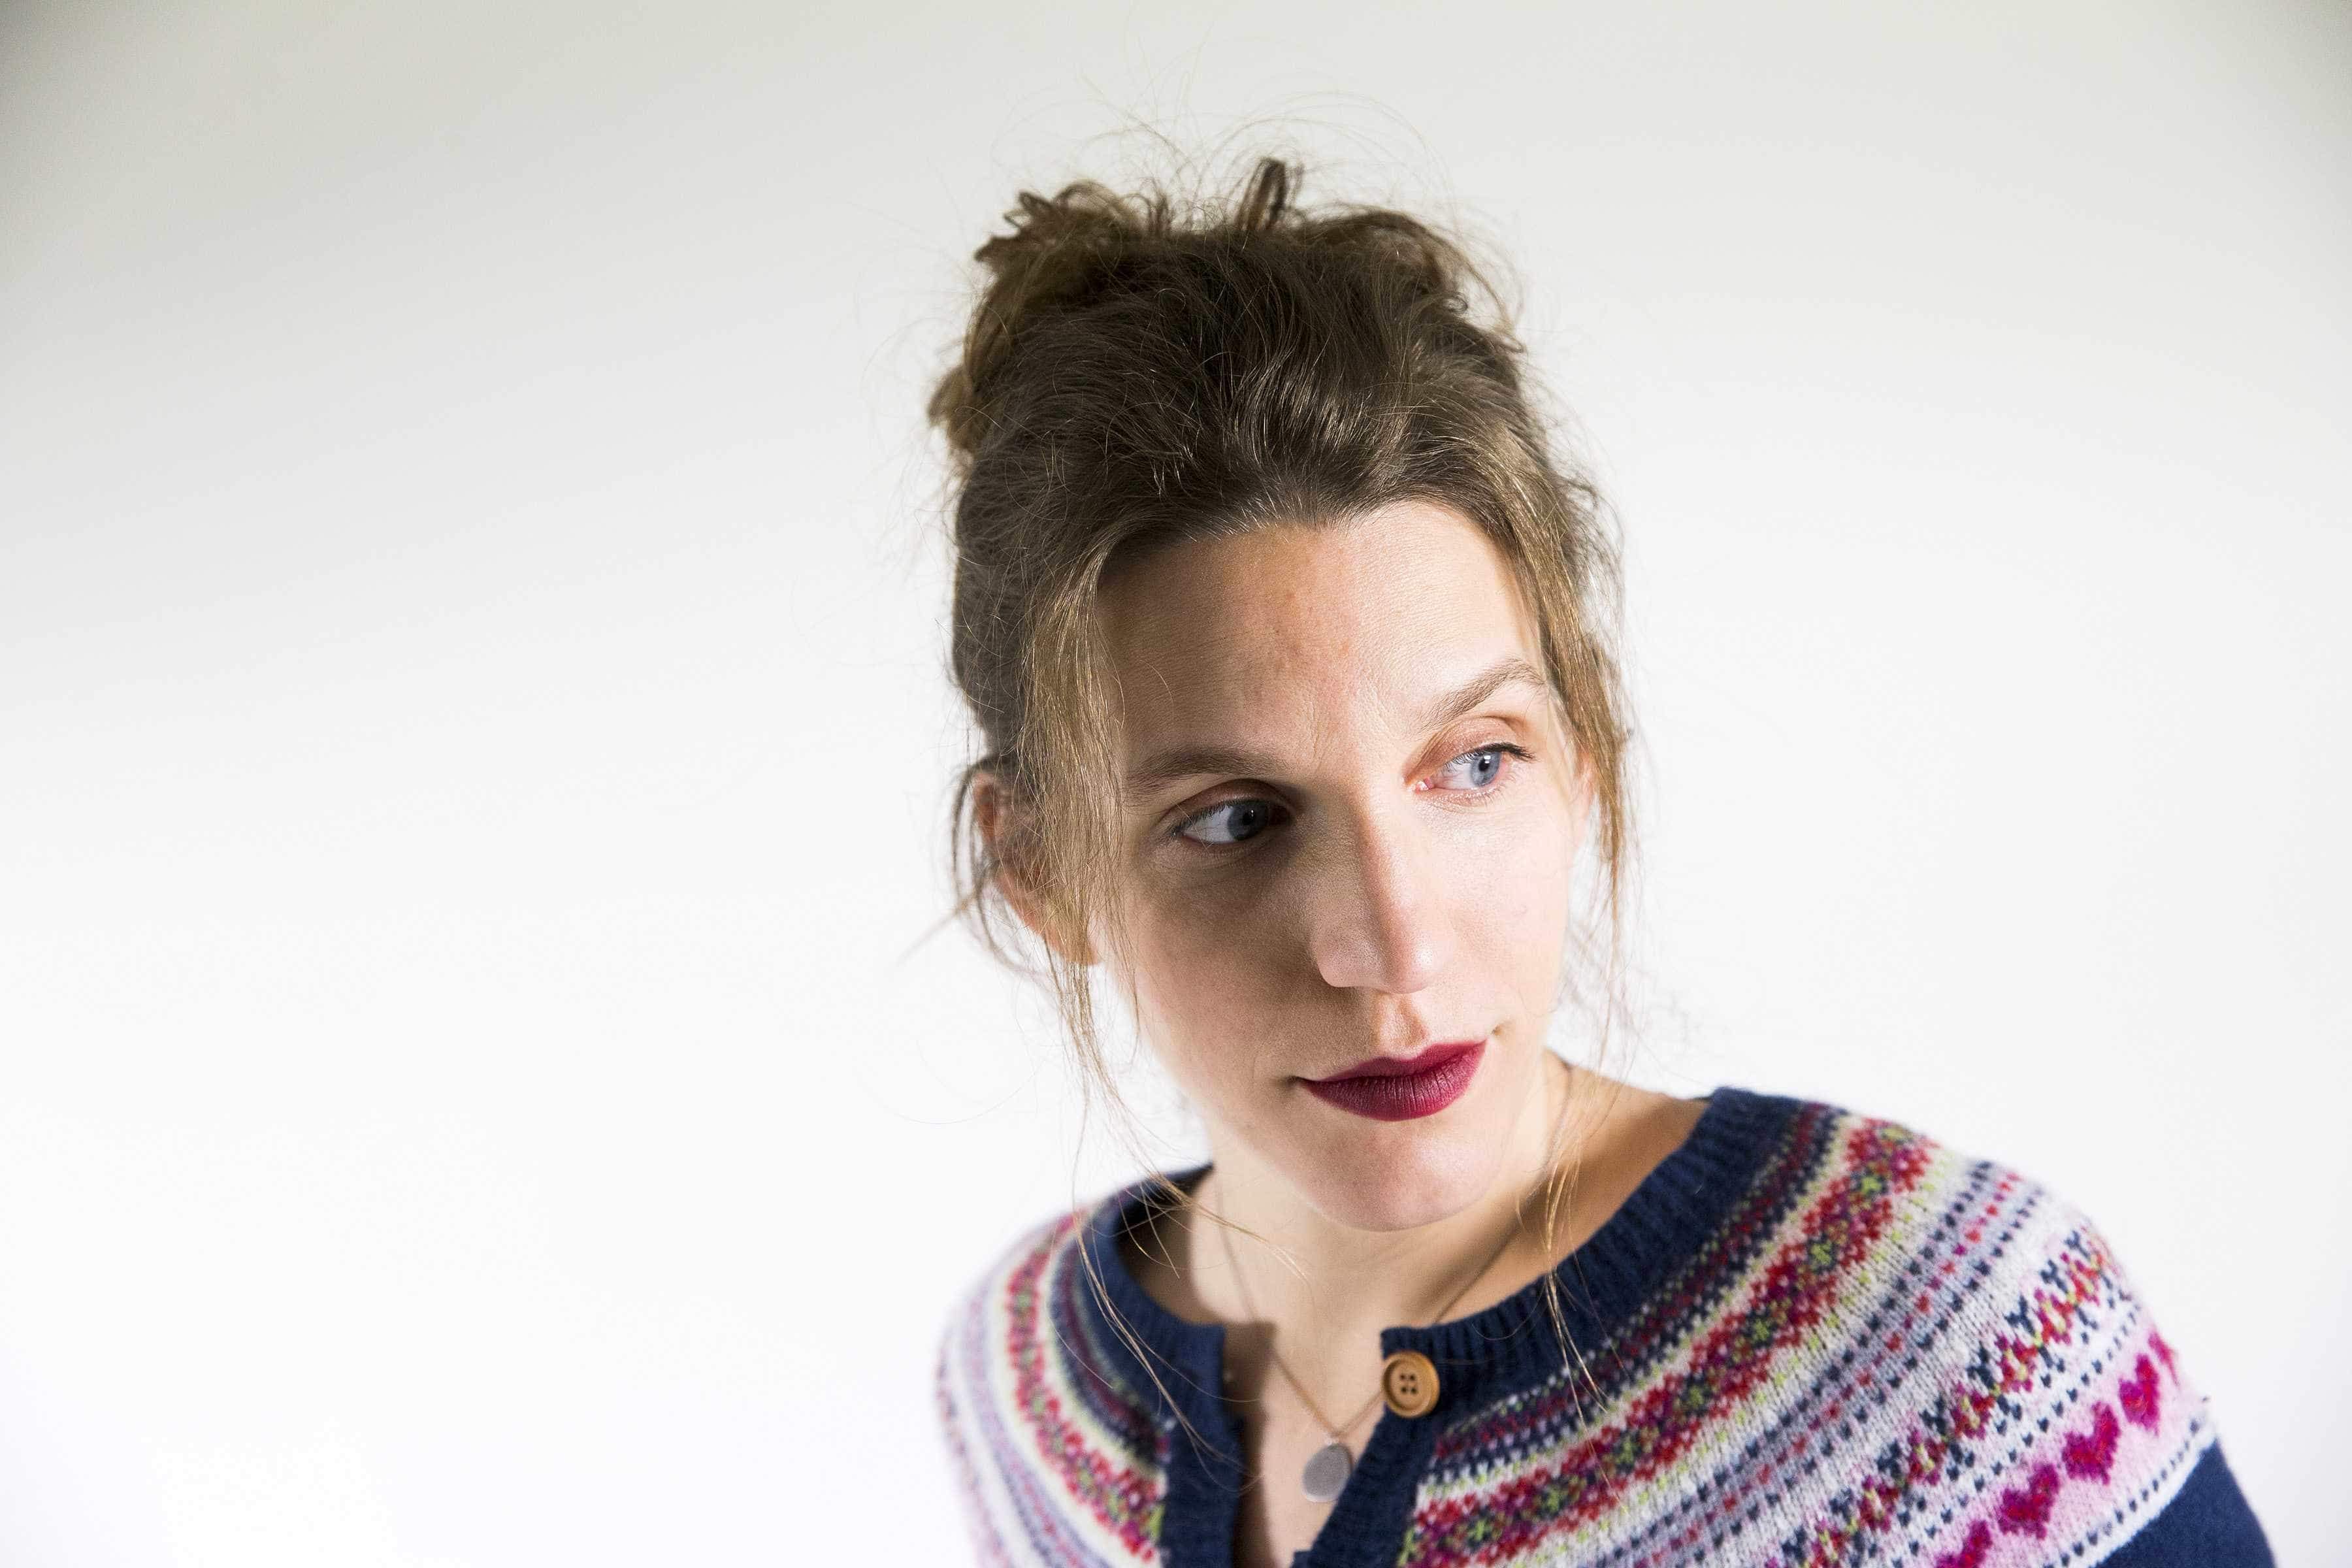 Luísa Sobral faz o elogio da imperfeição em 'Rosa', o novo álbum